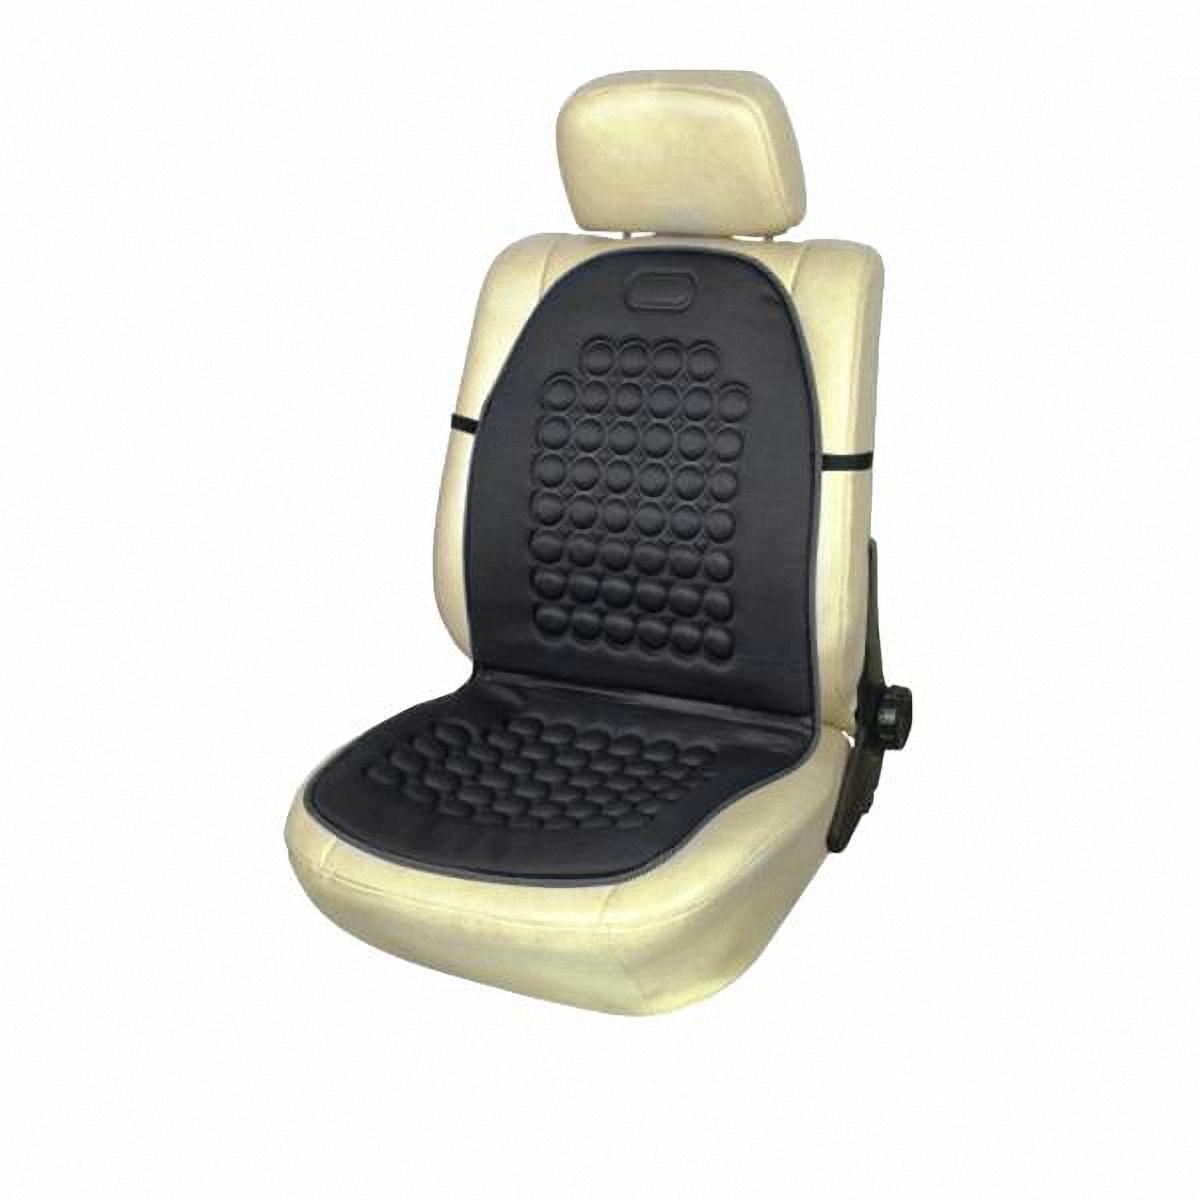 Чехол автомобильный Skyway. SW-102102 BK /S01302006ст18фЧехол автомобильный Skyway - это изящное сочетание стиля и качества. Выполненный из особого материала, он расслабляют мышцы спины при поездке, благотворно влияя на позвоночник. Так просто получить ощущение легкого массажа. С ним салон становится уютнее, а сами сидения - удобнее.